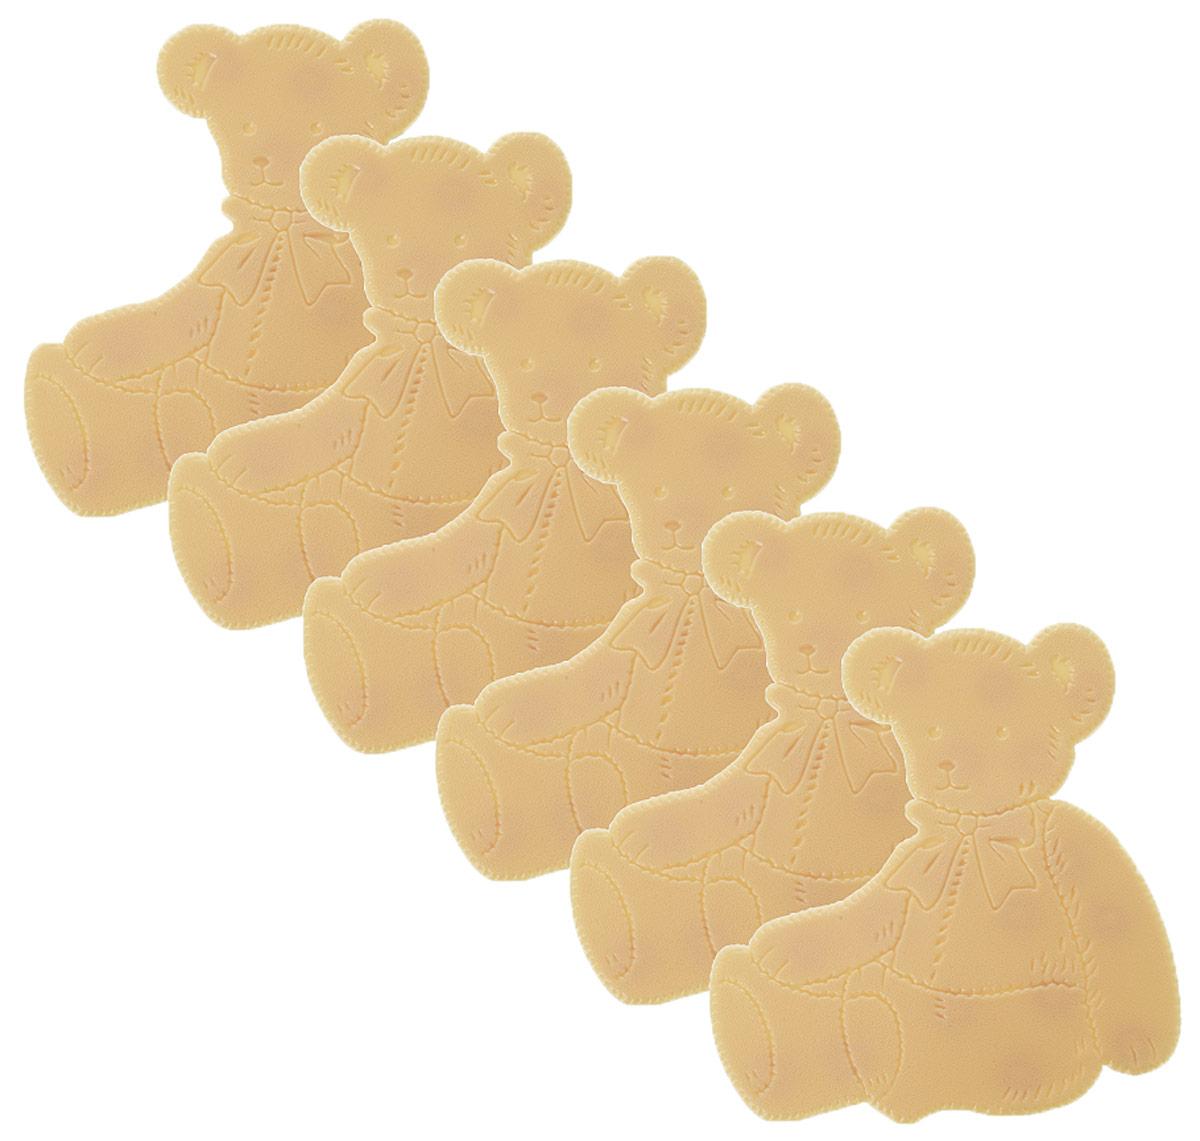 Valiant Мини-коврик для ванной комнаты Медвежонок на присосках 6 штK6-12Мини-коврик для ванной комнаты Valiant Медвежонок - это модный и экономичный способ сделать вашу ванную комнату более уютной, красивой и безопасной.В наборе представлены 6 мини-ковриков в виде забавных медвежат. Коврики прочно крепятся на любую гладкую поверхность с помощью присосок. Расположите коврик там, где вам необходимо яркое цветовое пятно и надежная противоскользящая опора - на поверхности ванной, на кафельной стене или стенке душевой кабины, на полу - как дополнение вашего коврика стандартного размера.Мини-коврики Valiant незаменимы при купании маленького ребенка: он не поскользнется и не упадет, держась за мягкую и приятную на ощупь рифленую поверхность коврика.Рекомендации по уходу: после использования тщательно смойте остатки мыла или других косметических средств с коврика.